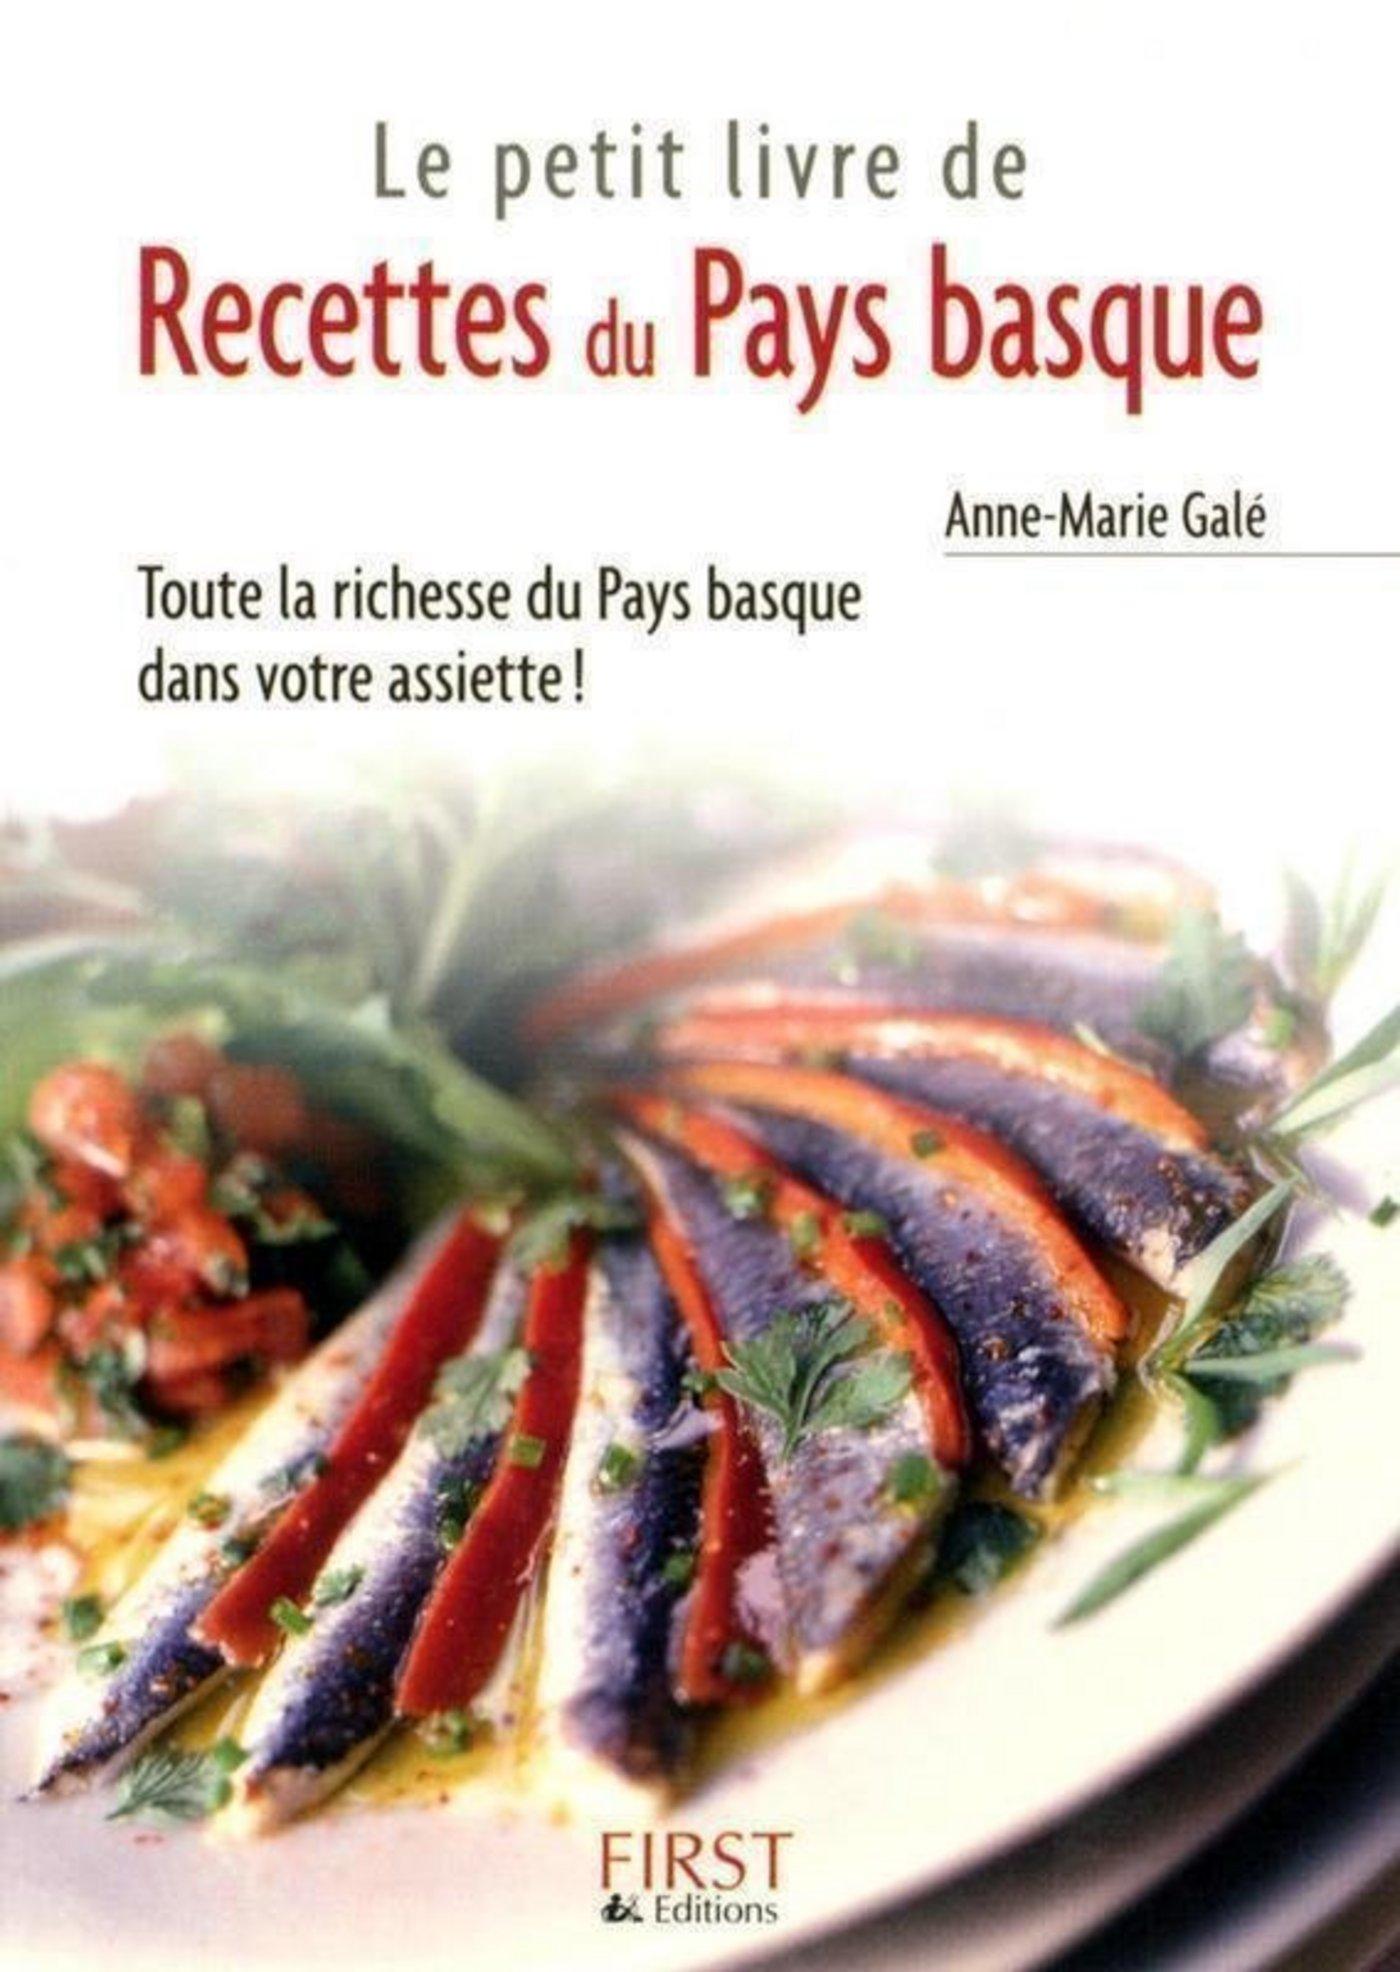 Le Petit Livre de - Recettes du Pays Basque (ebook)